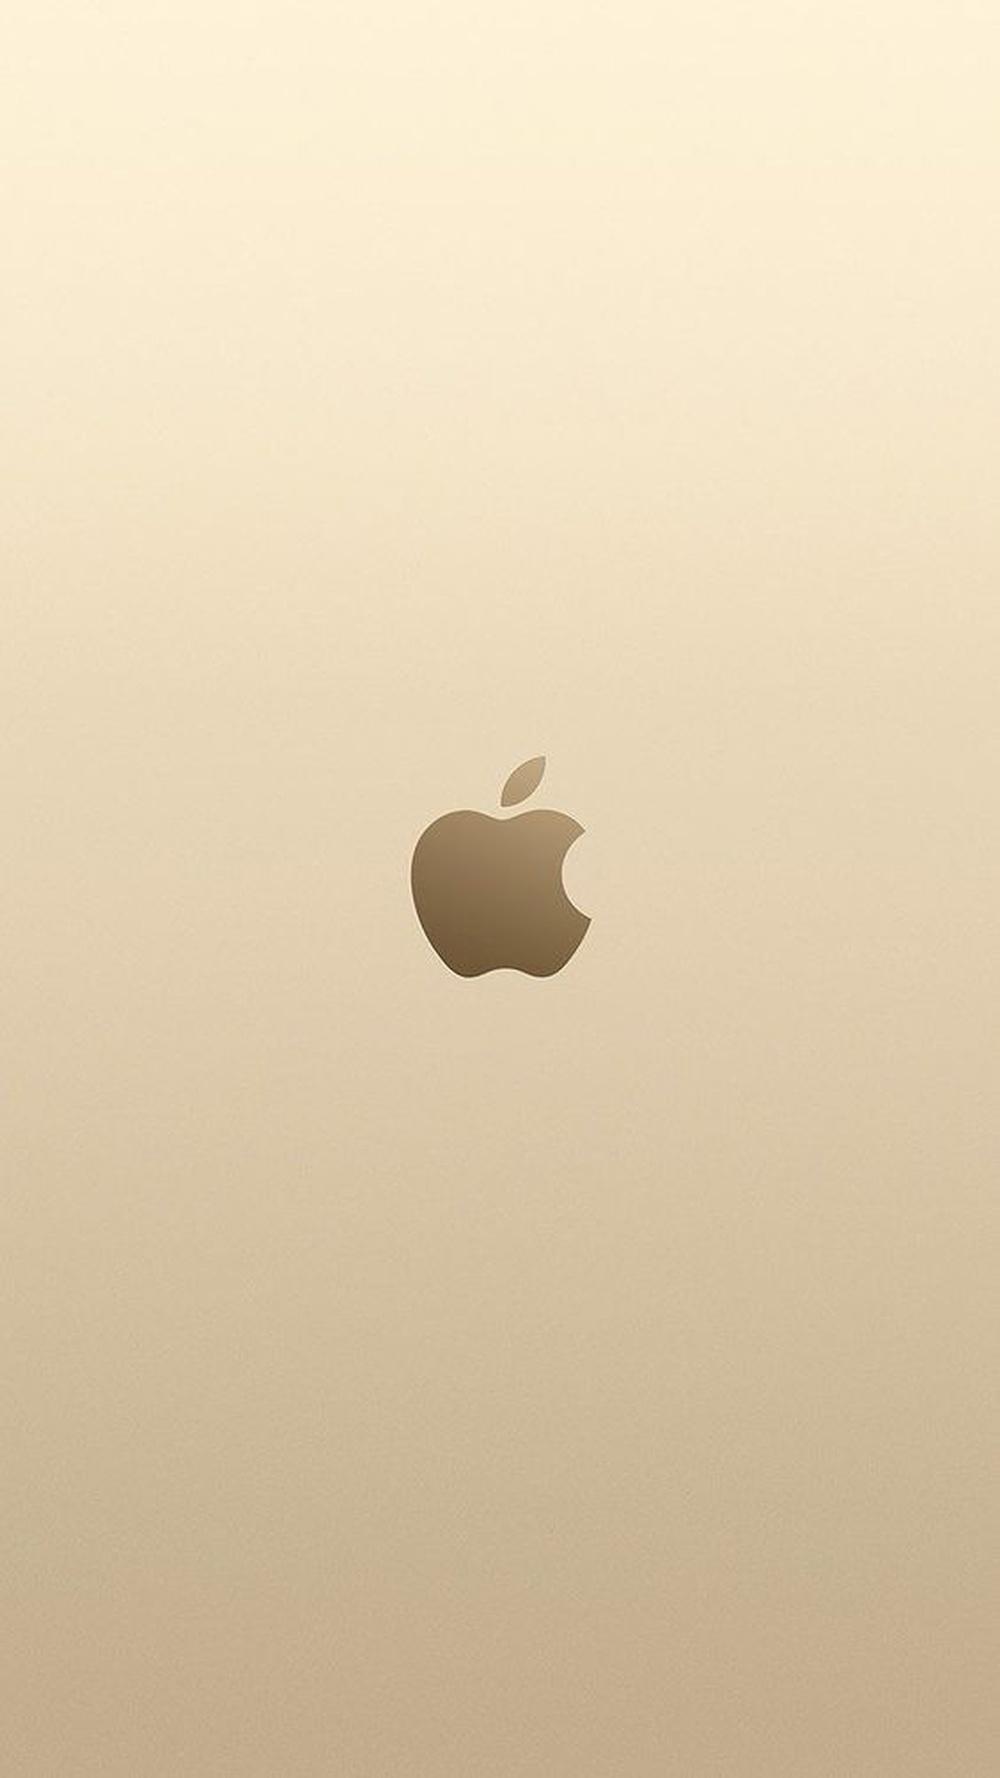 Ce qui différencie Apple de ses compétiteurs est la recherche incessante de la simplicité